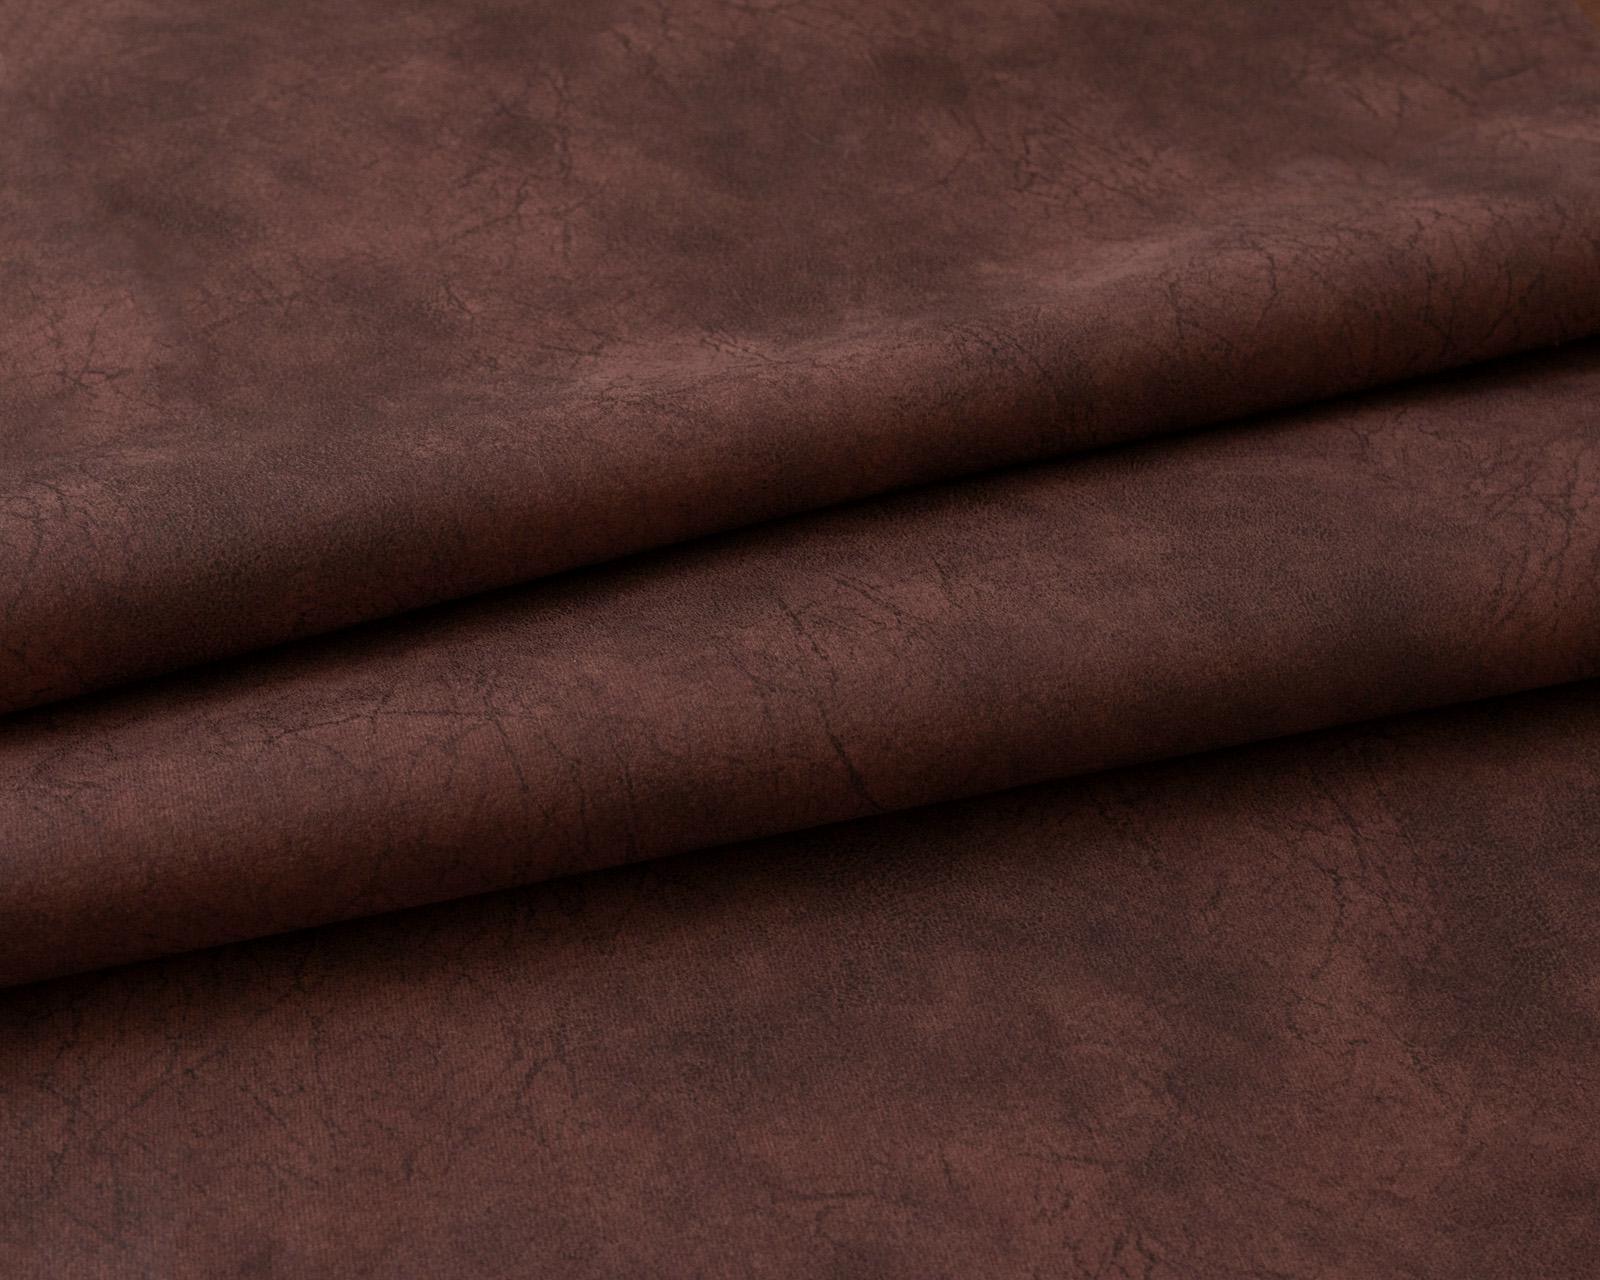 Особенности алькантары: свойства и области применения ткани